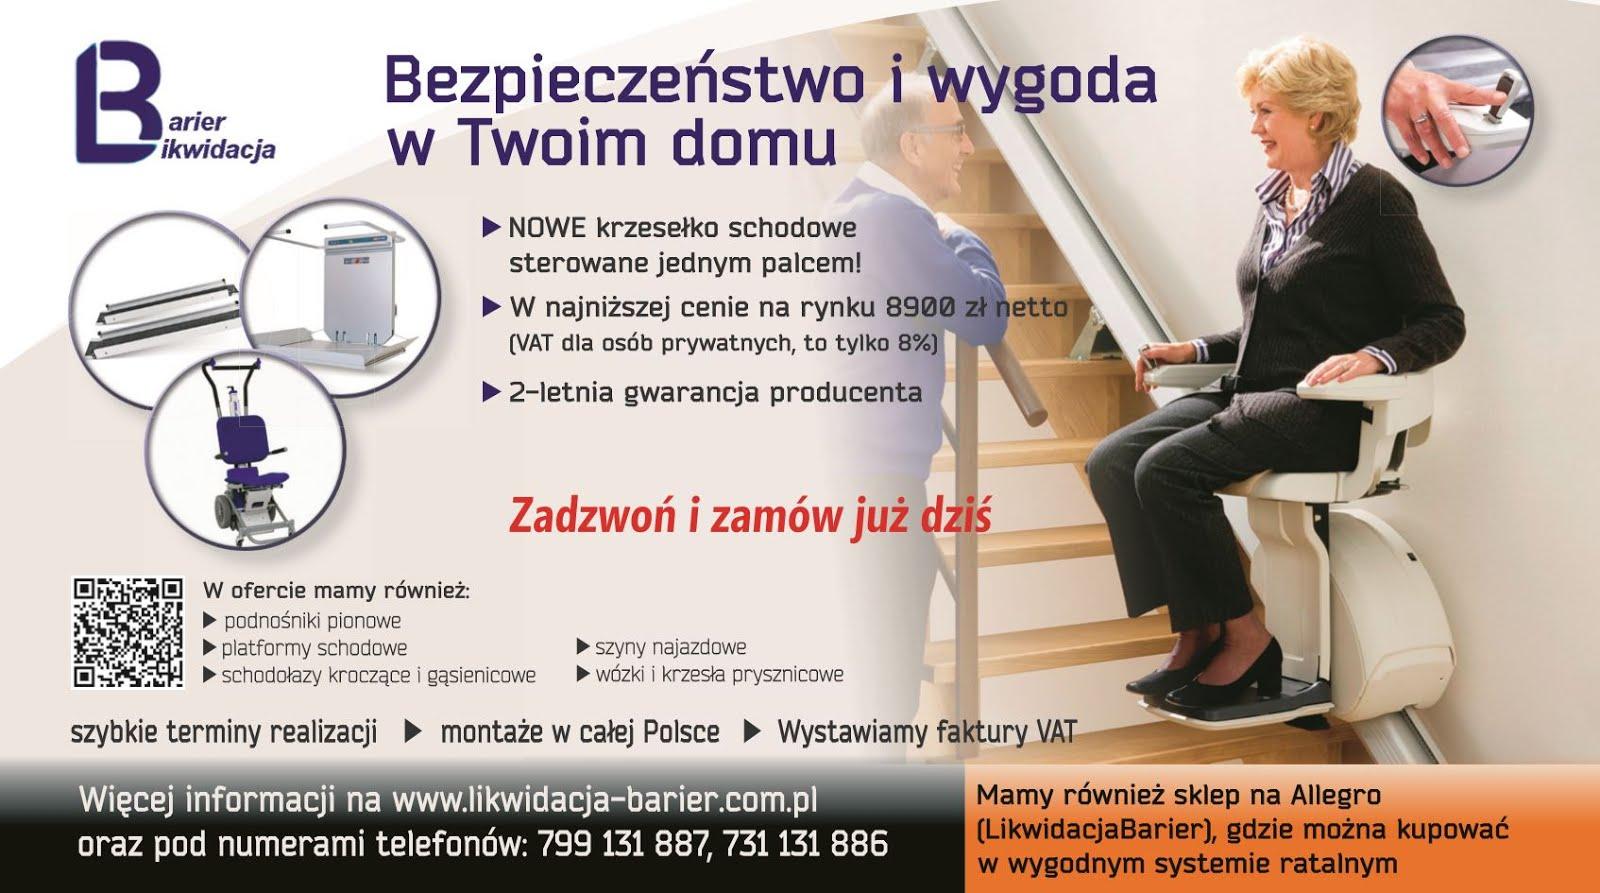 Krzesełko schodowe to bezpieczeństwo i wygoda w Twoim domu